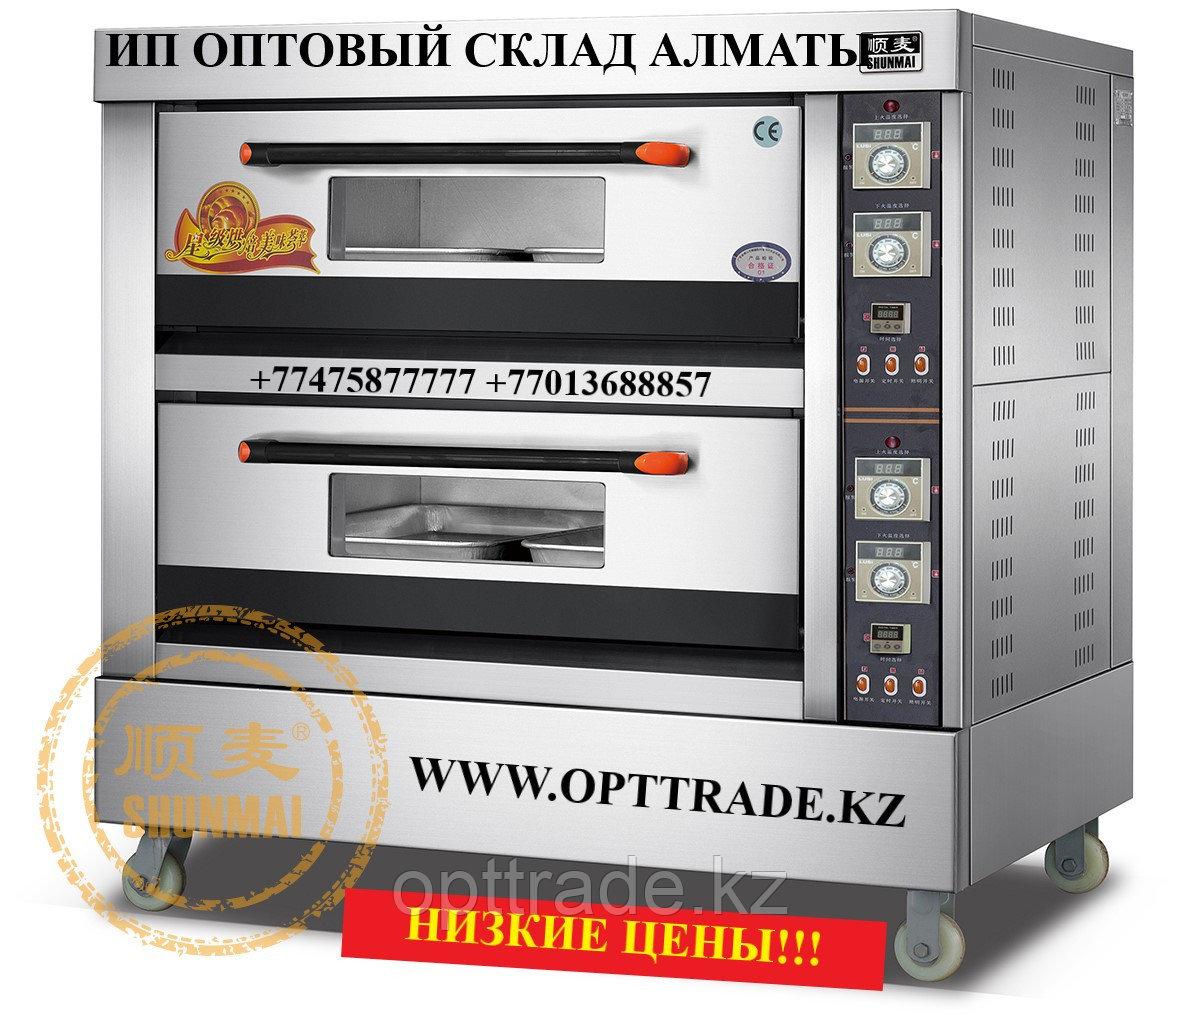 Пекарская печь газовая - 2 яруса на 6 противней